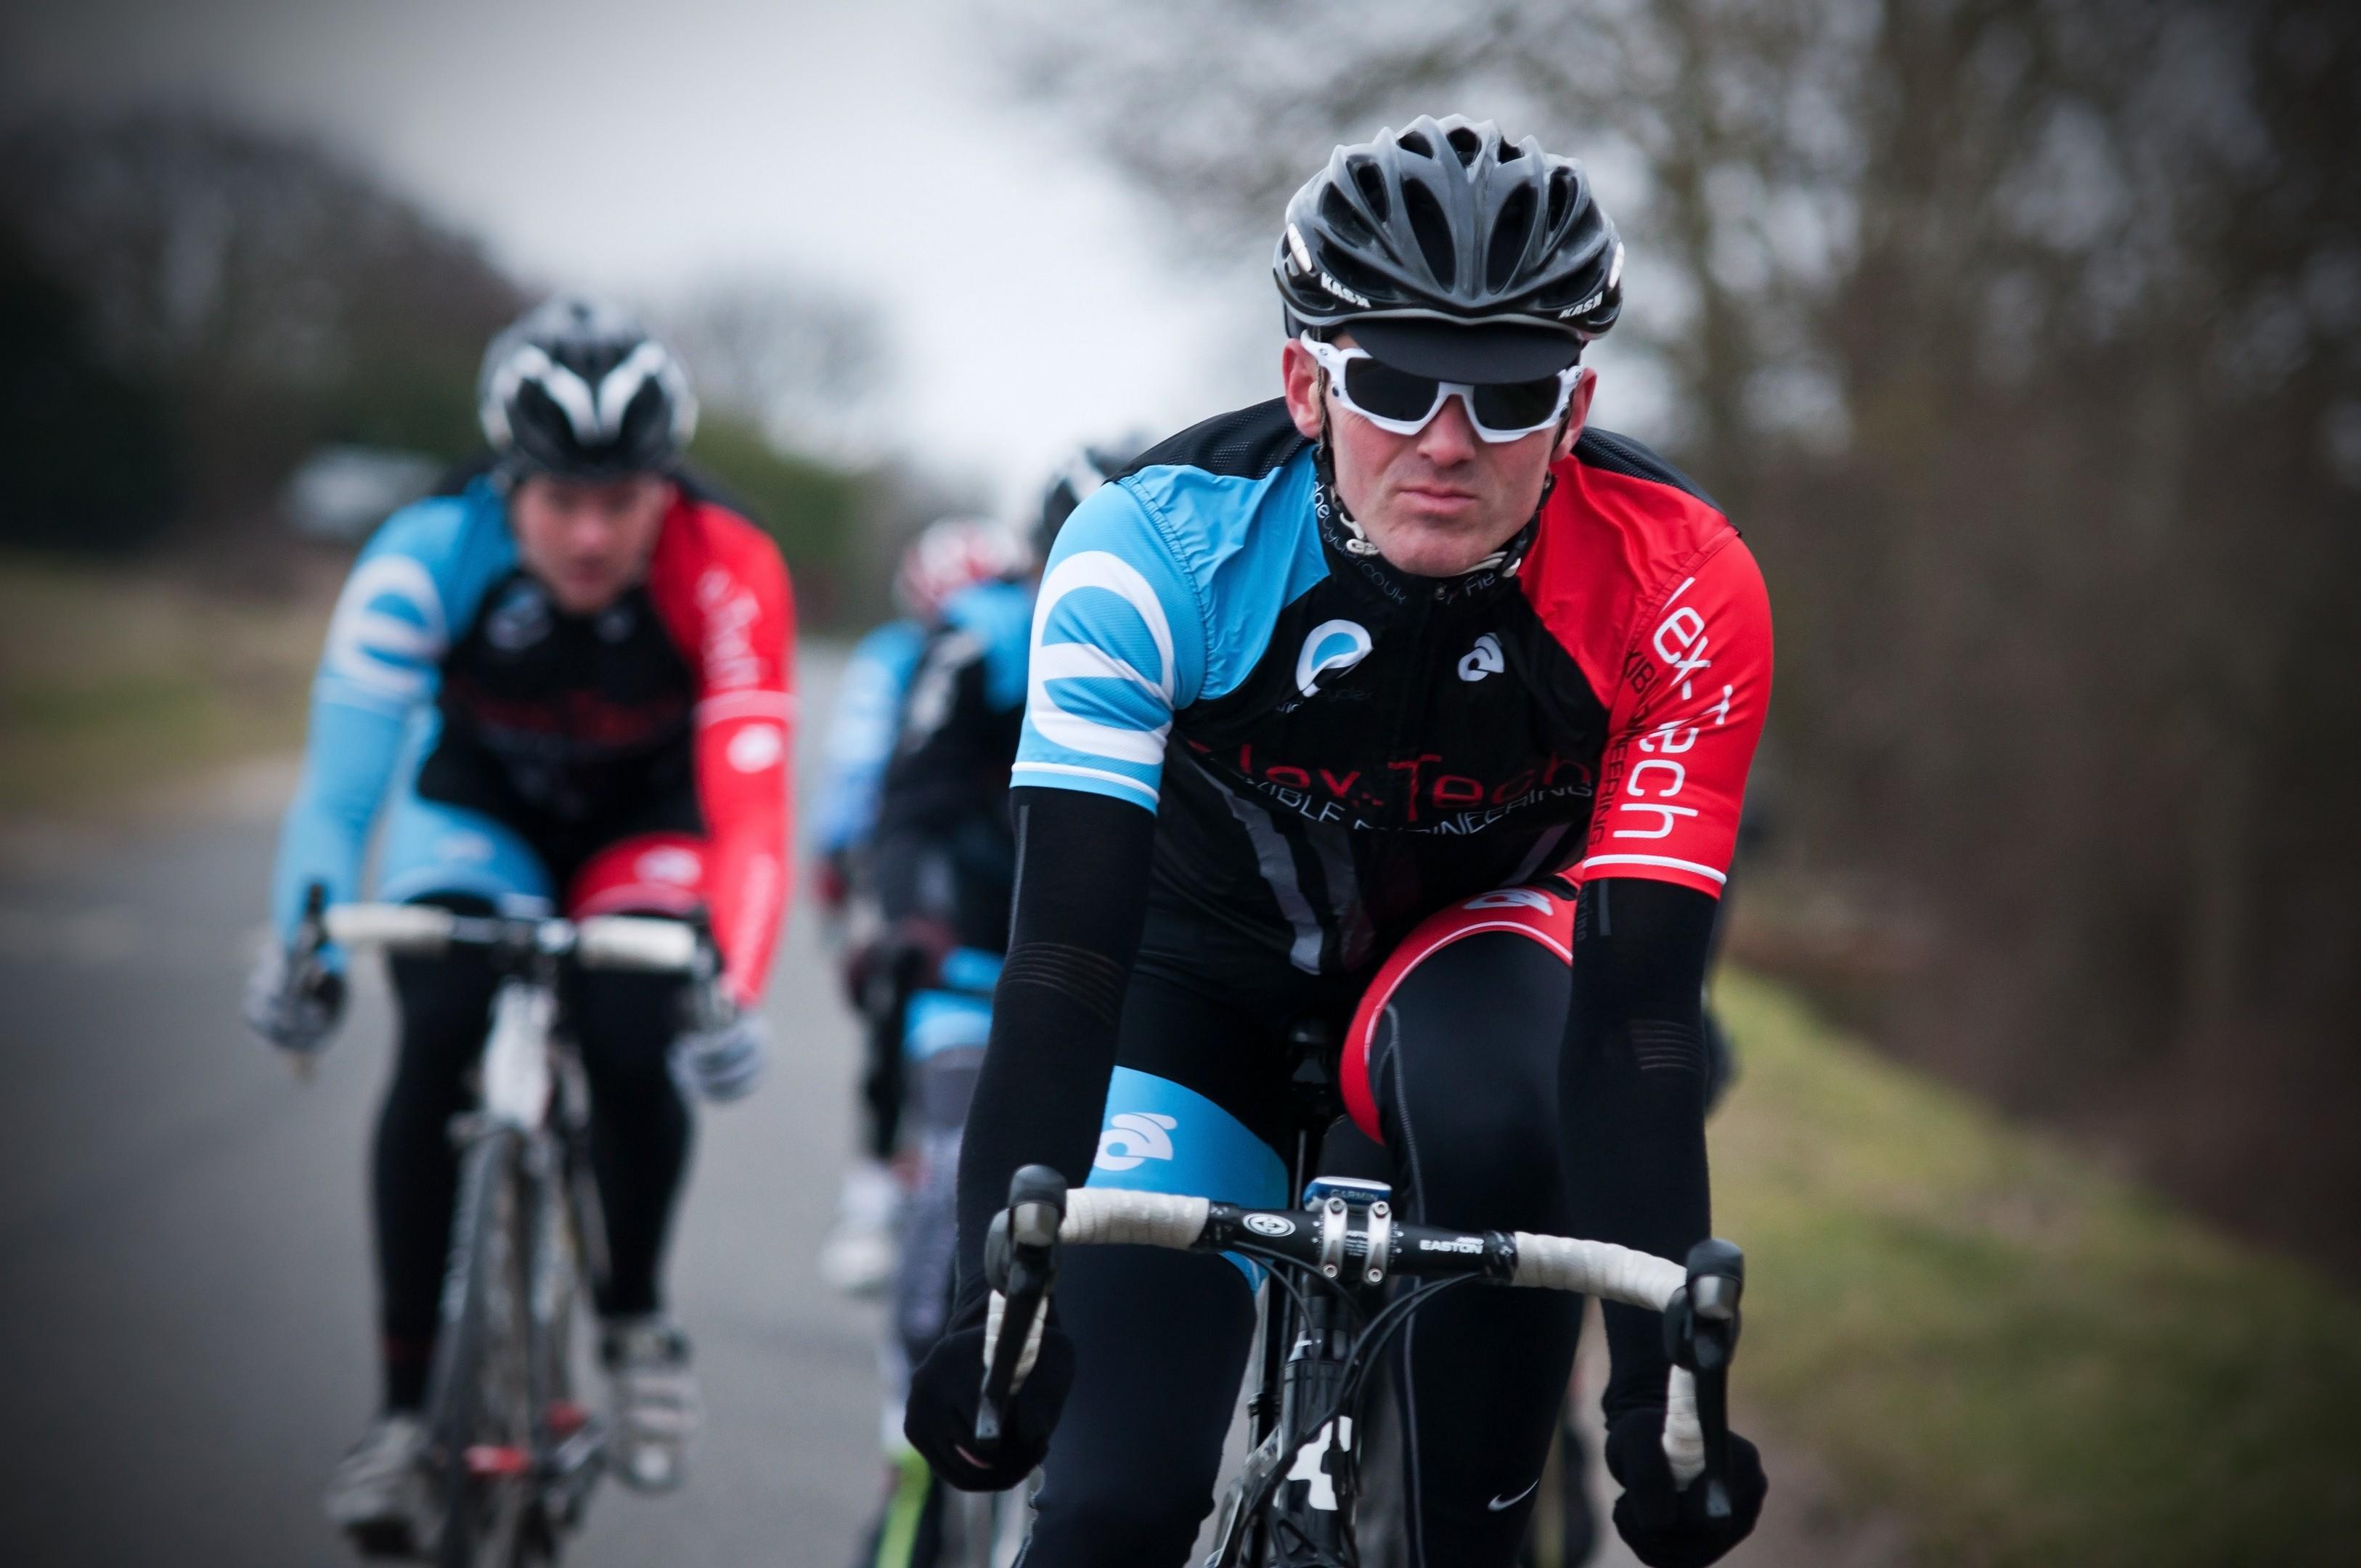 Flextech - Ettridge Cycles Race Team